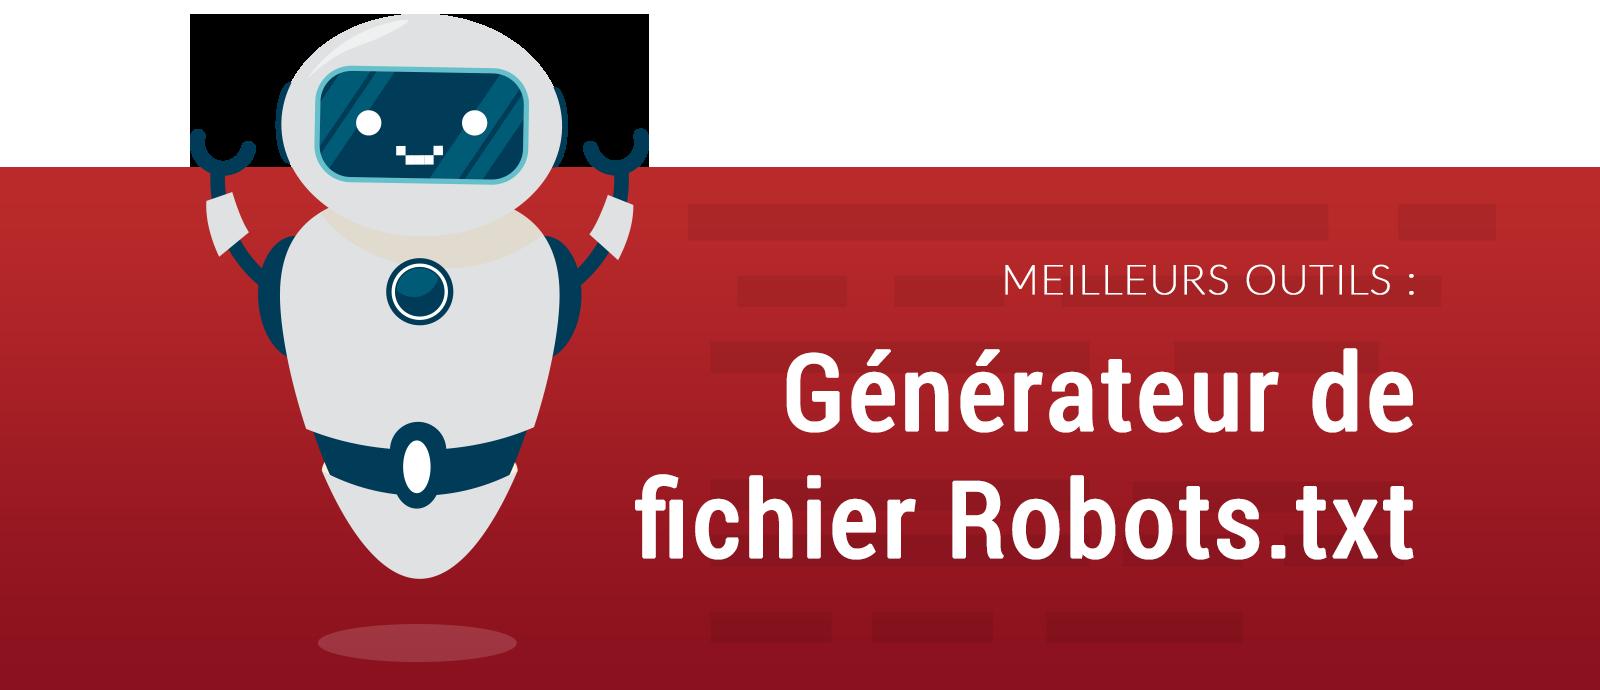 Générateur de fichier robots txt